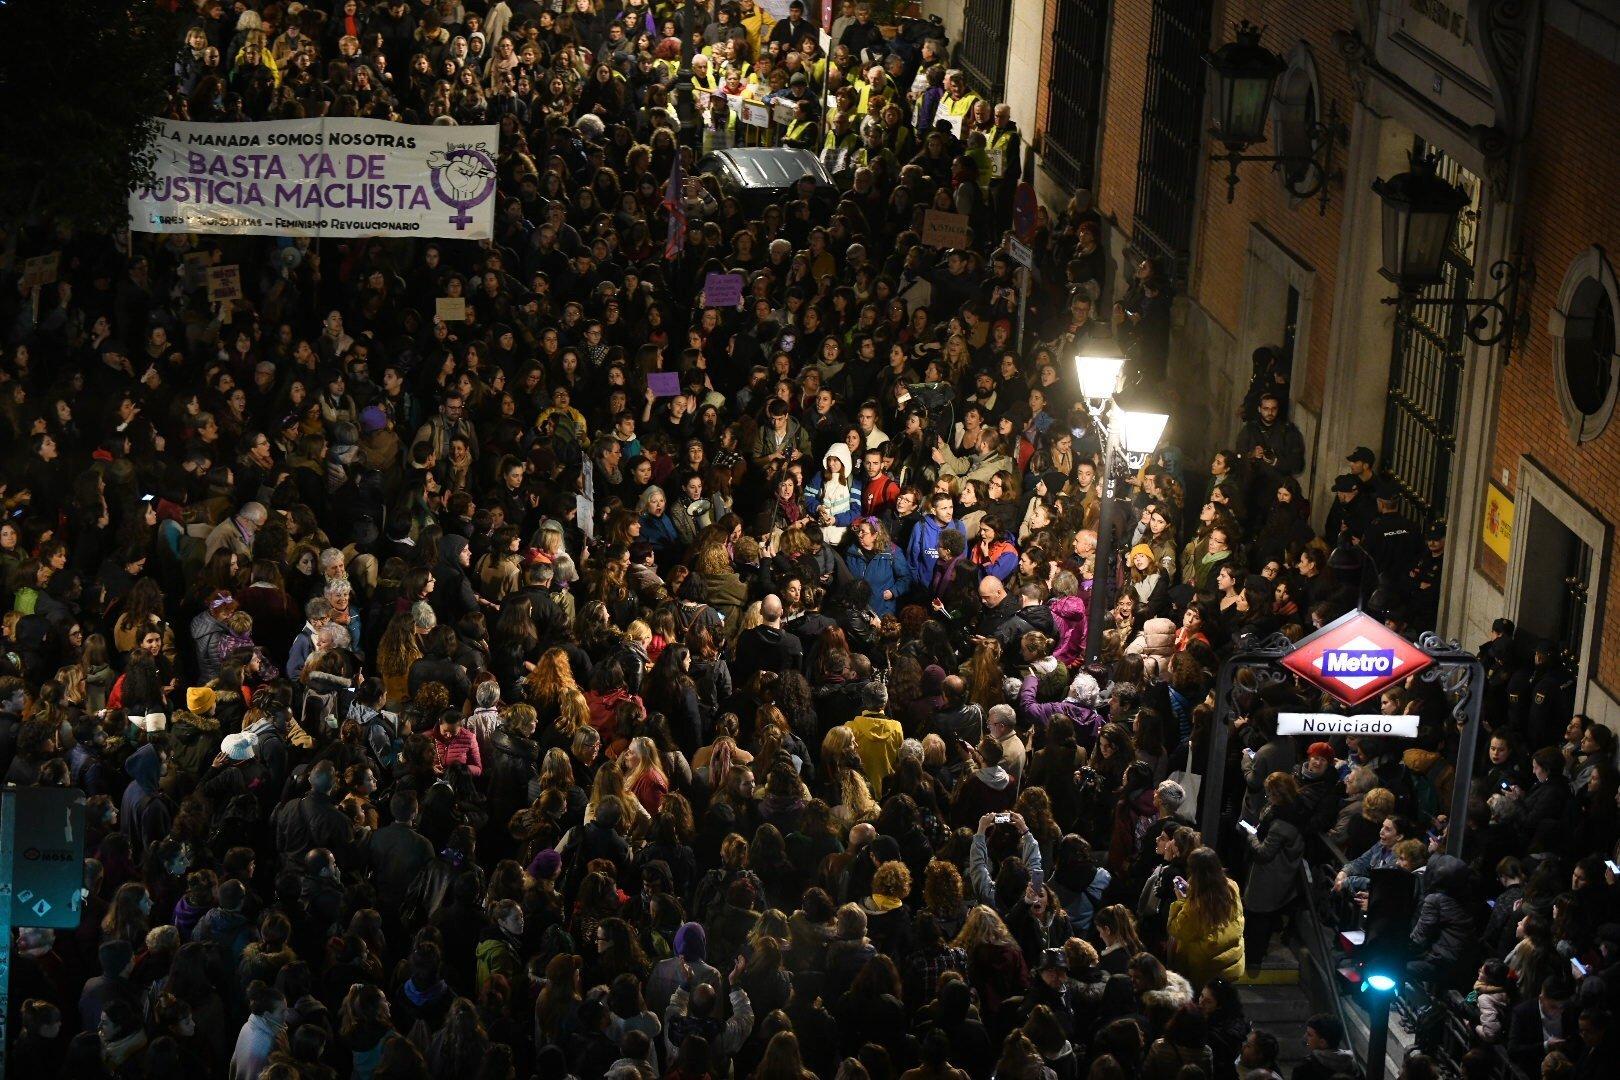 Οργή στην Ισπανία για την απαλλαγή πέντε ανδρών από την κατηγορία βιασμού ενός 14χρονου κοριτσιού